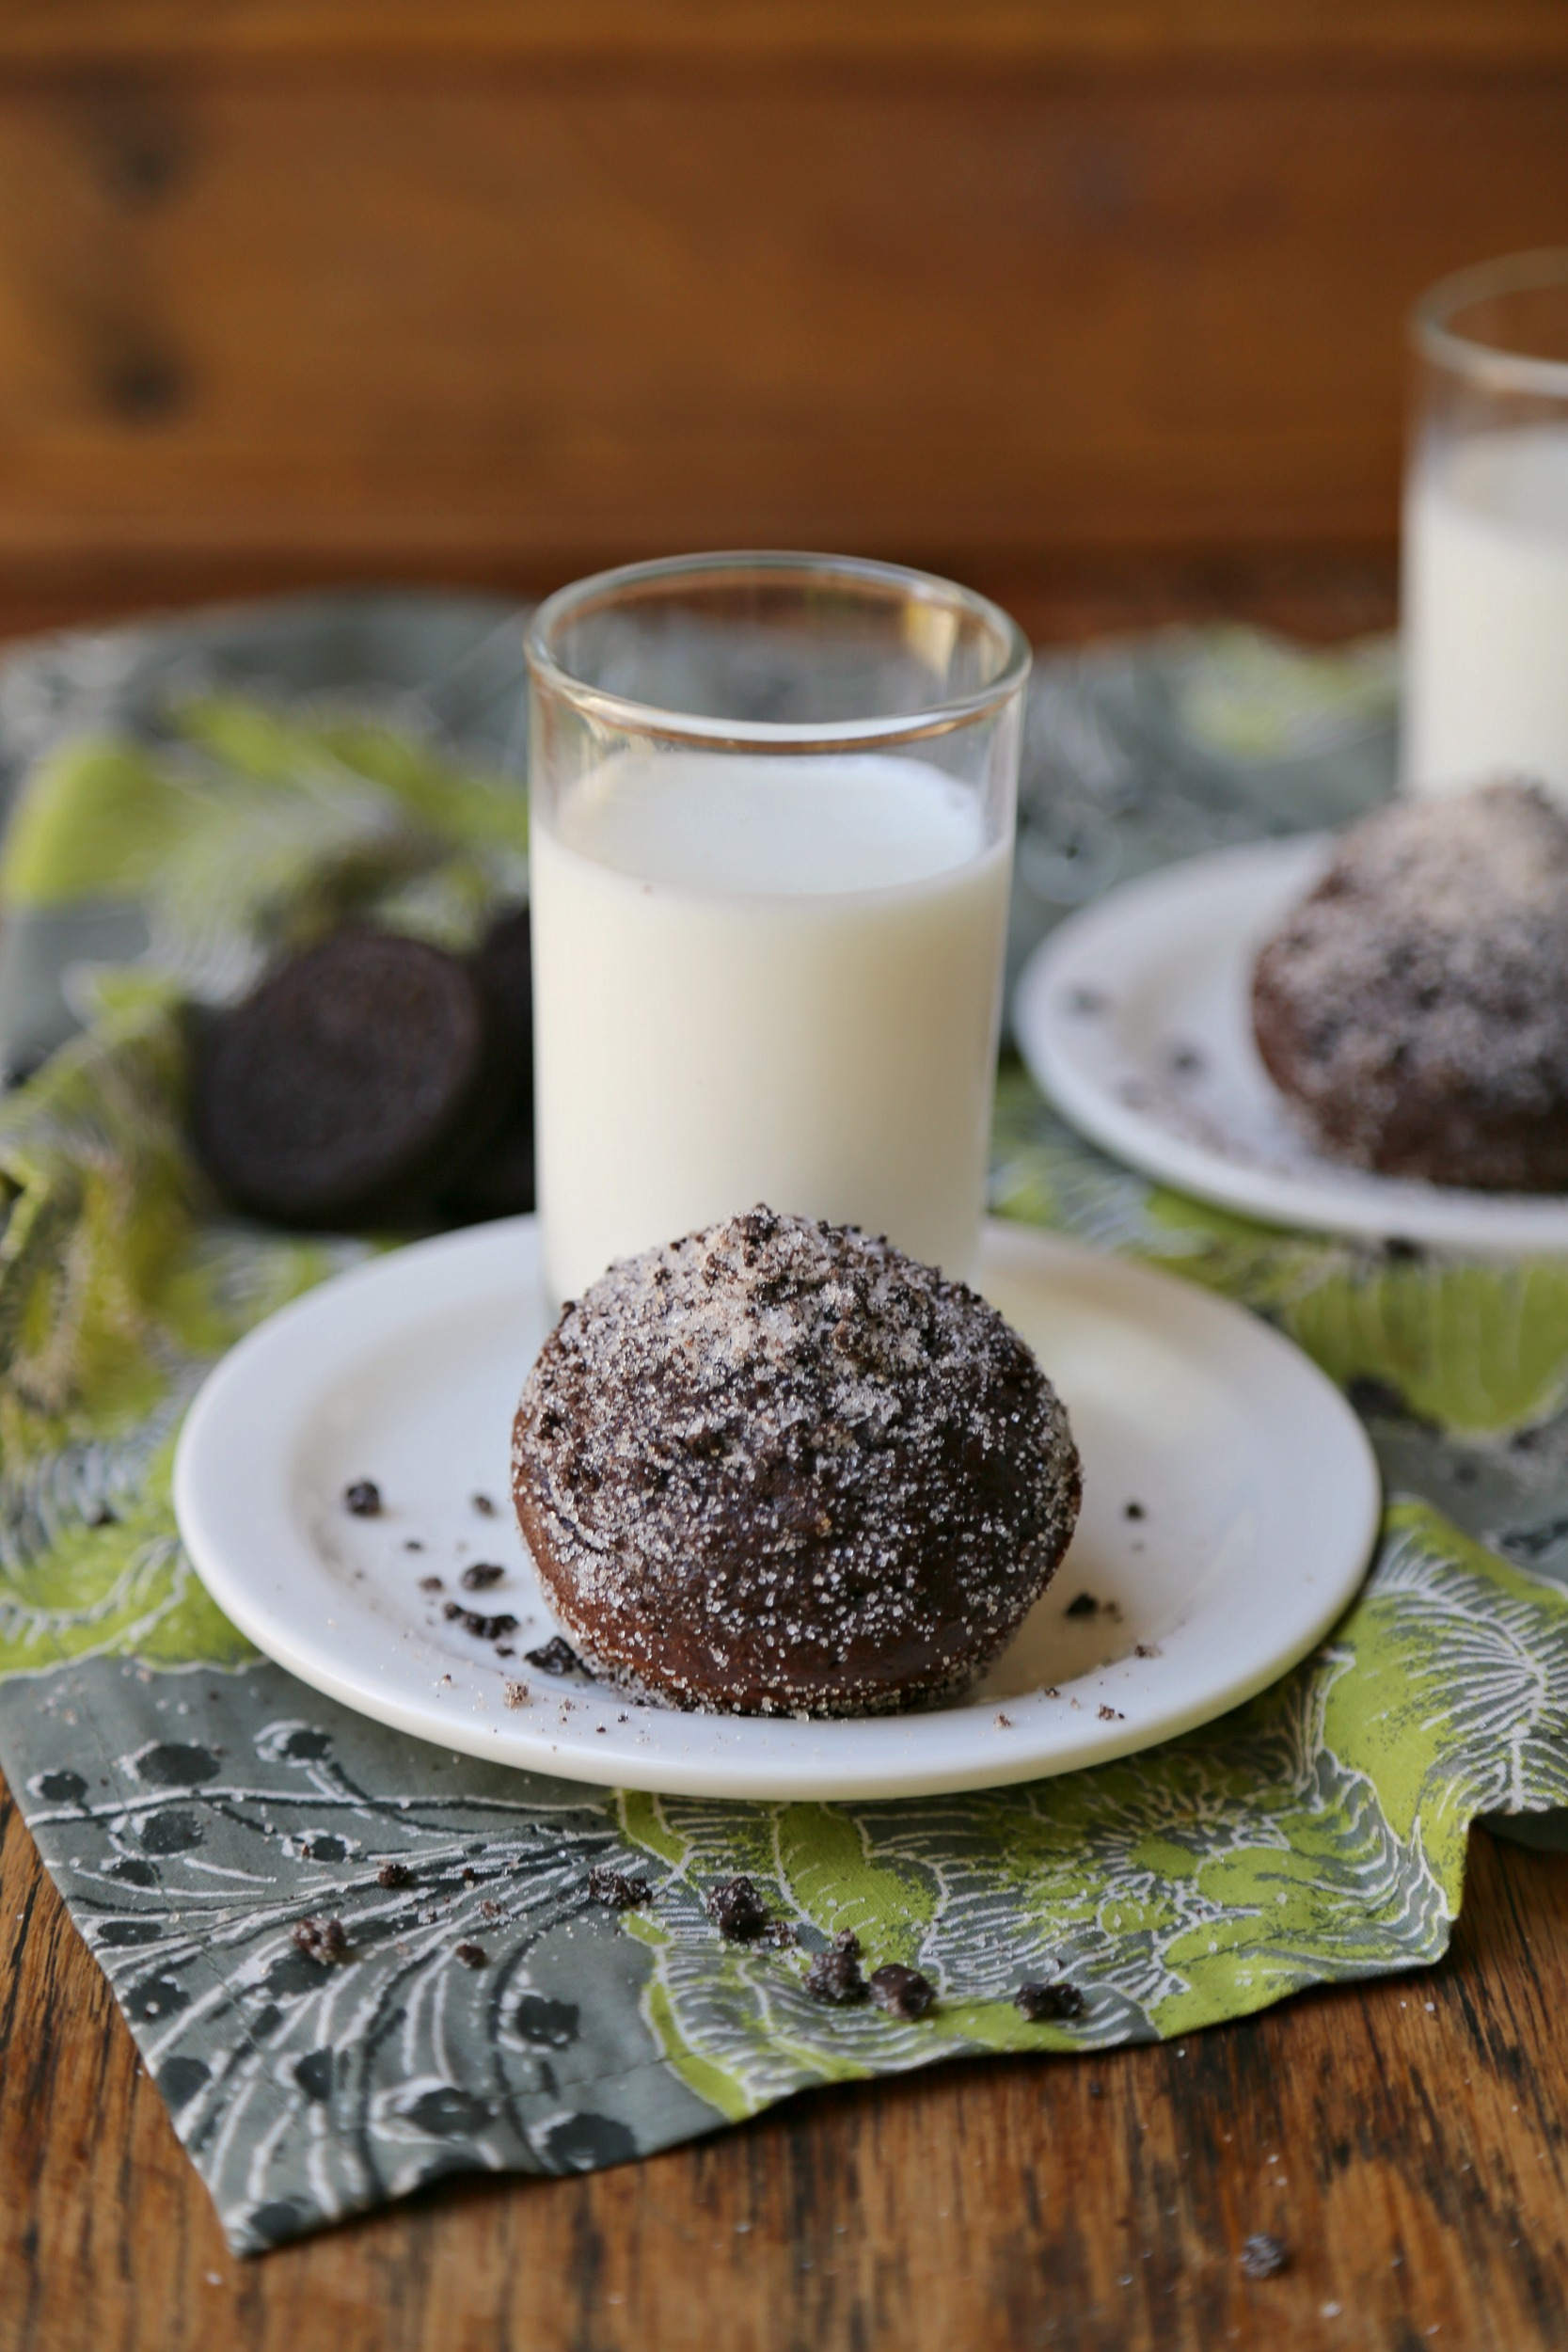 chocolate-churro-muffins-vianneyrodriguez-sweetlifebake